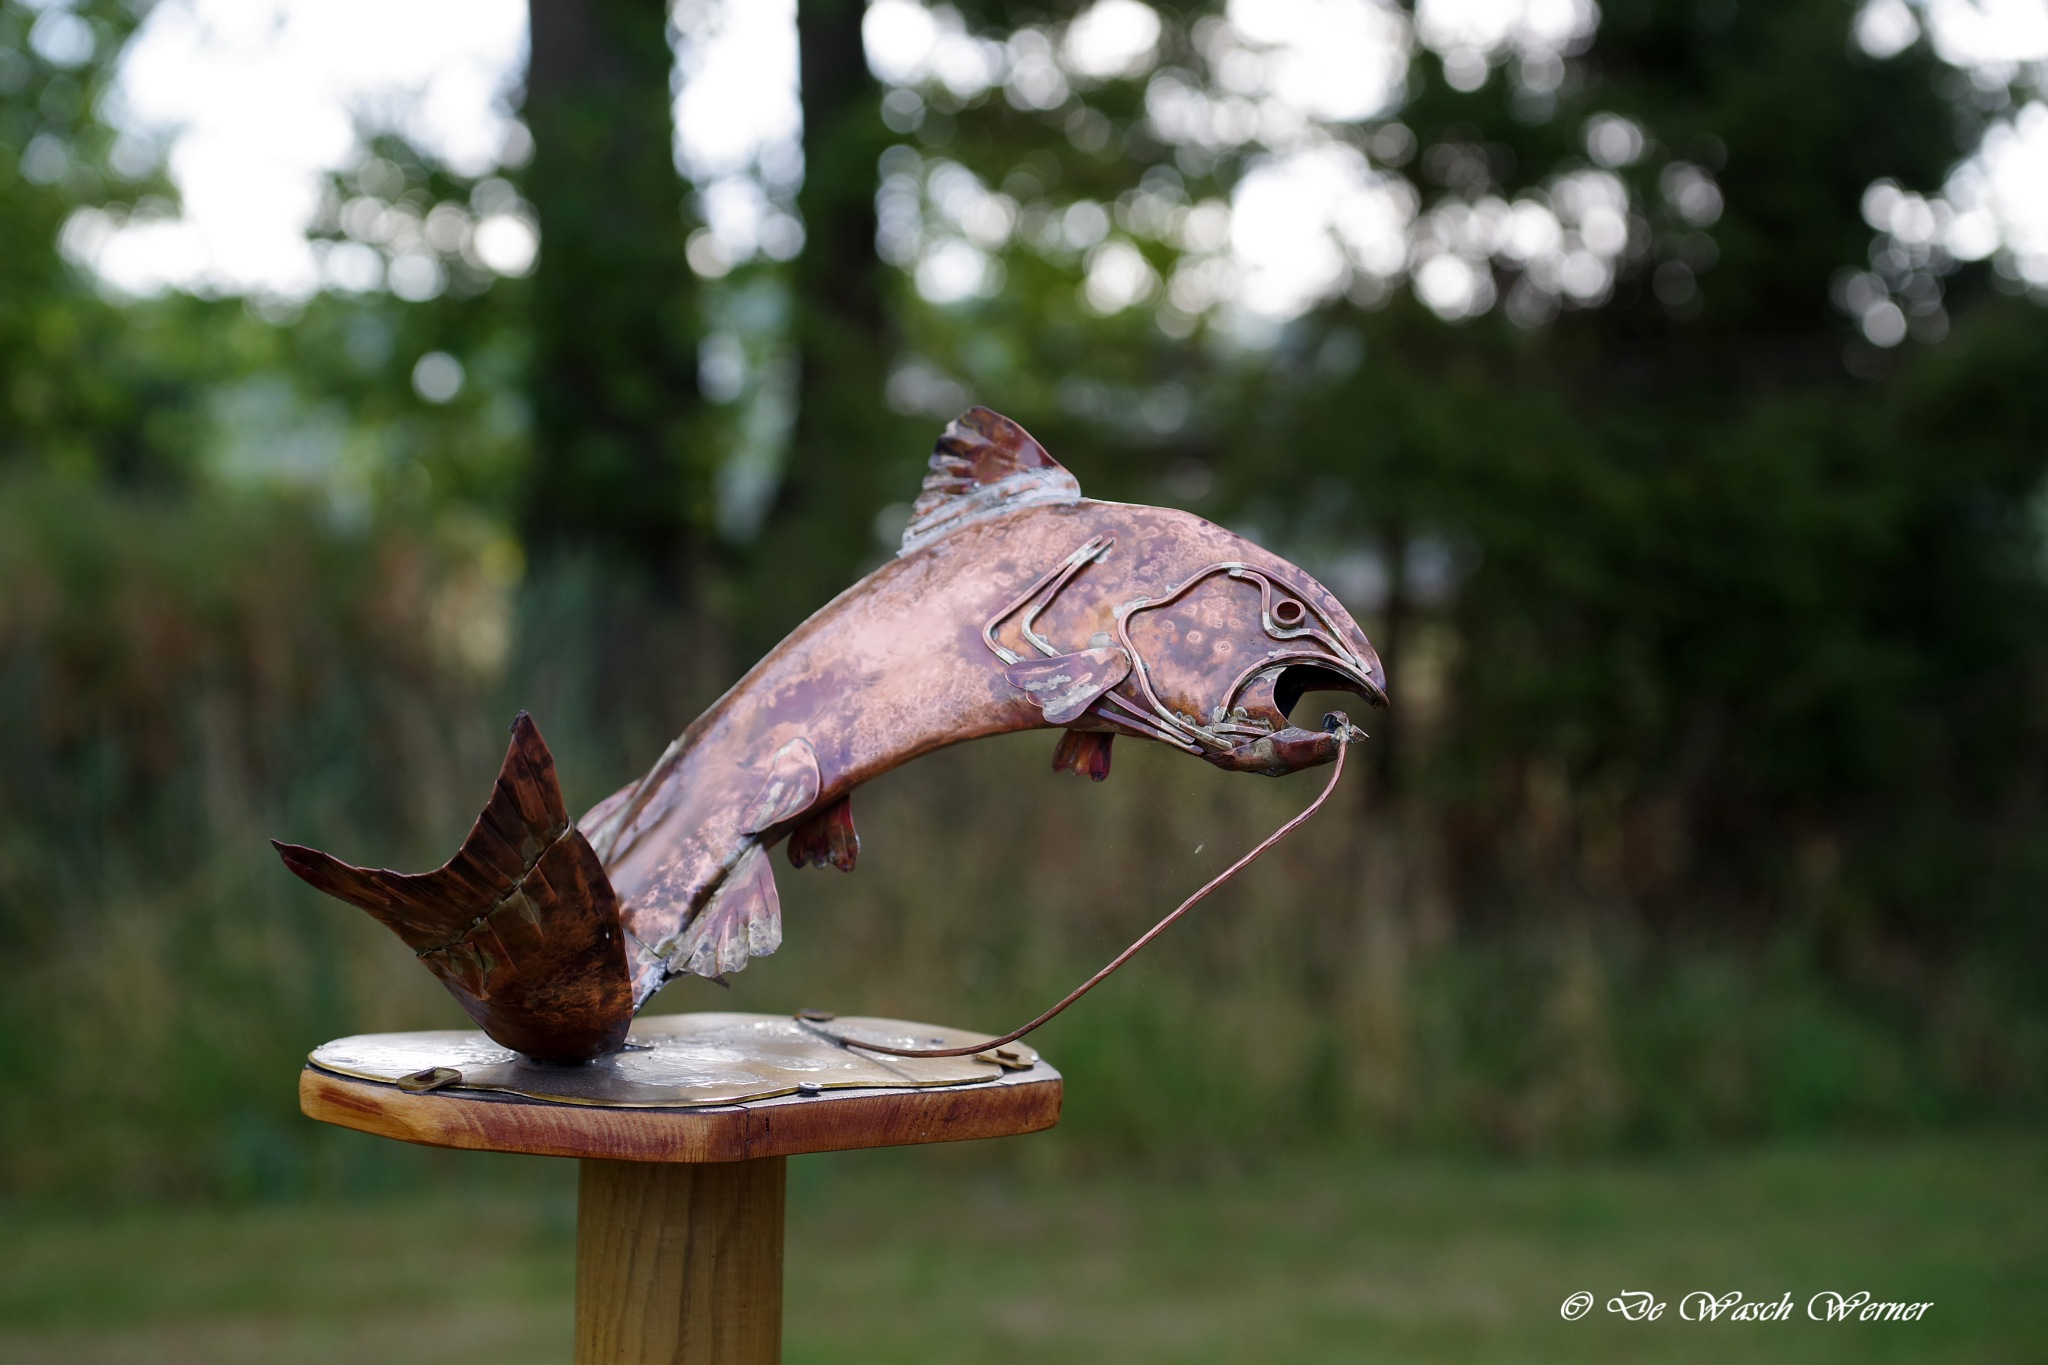 fish by Werner De Wasch